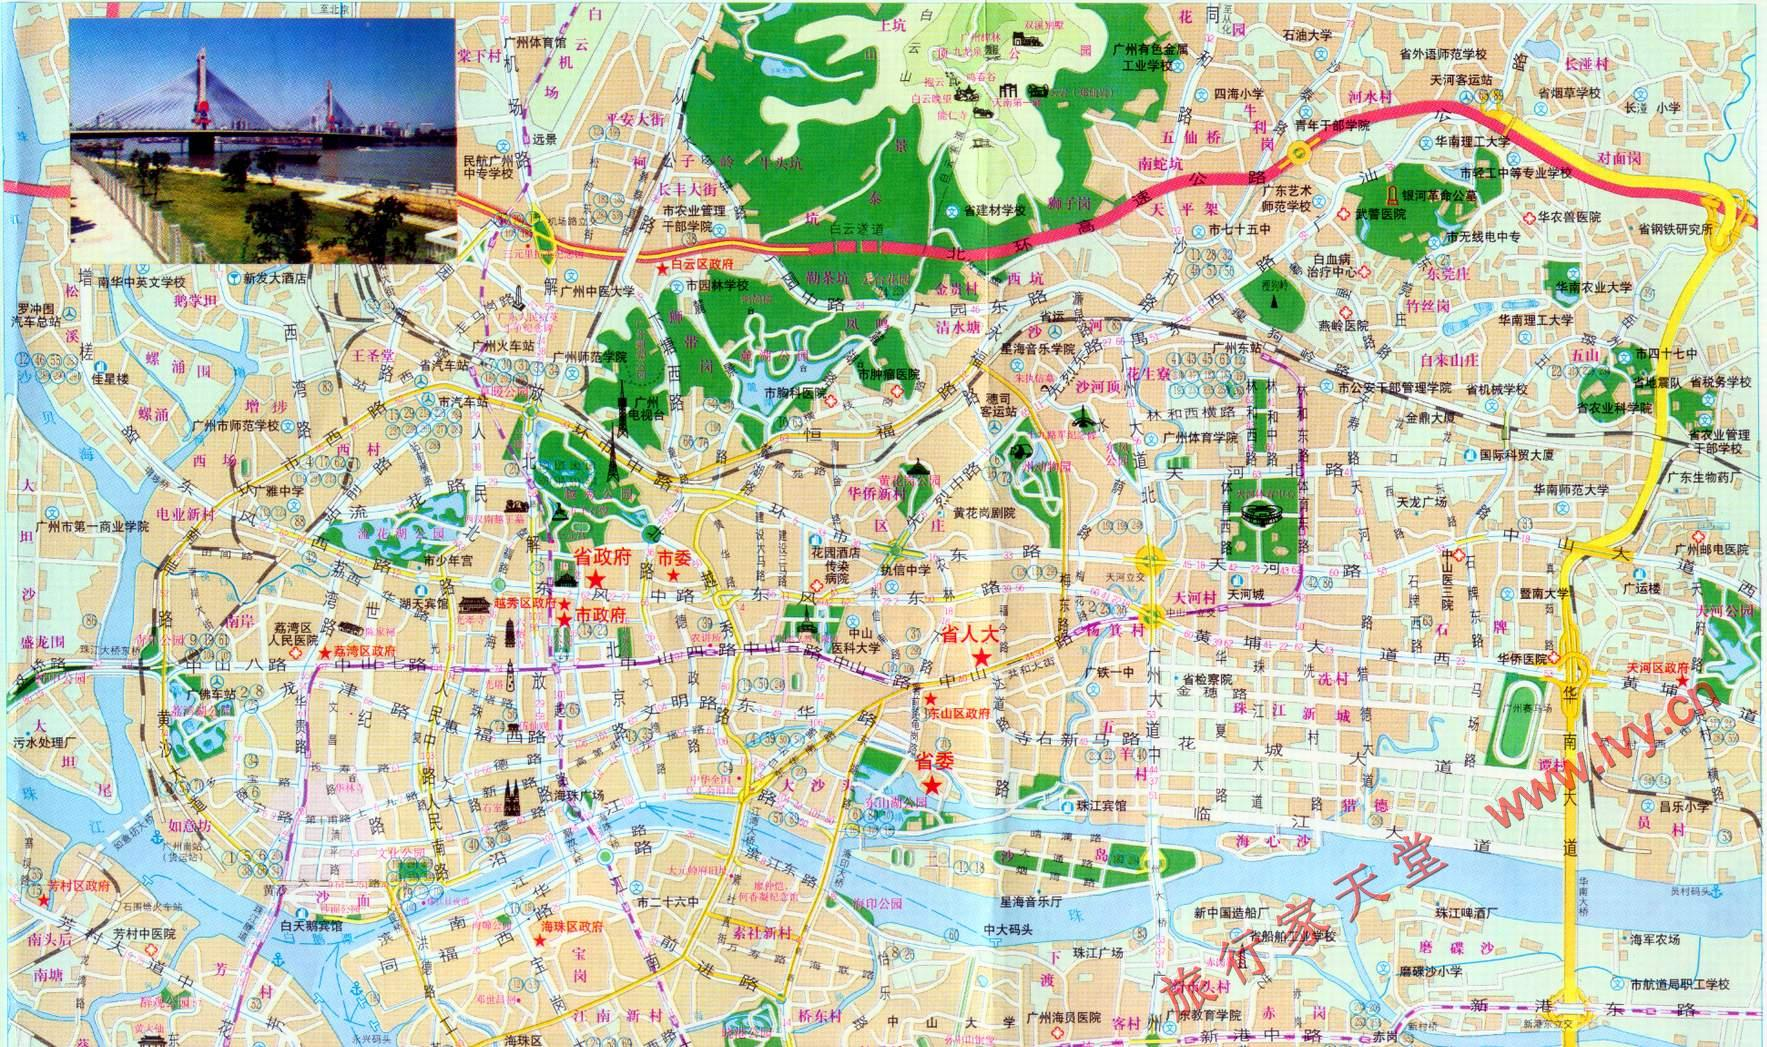 广州旅游地图_广州旅游景点地图